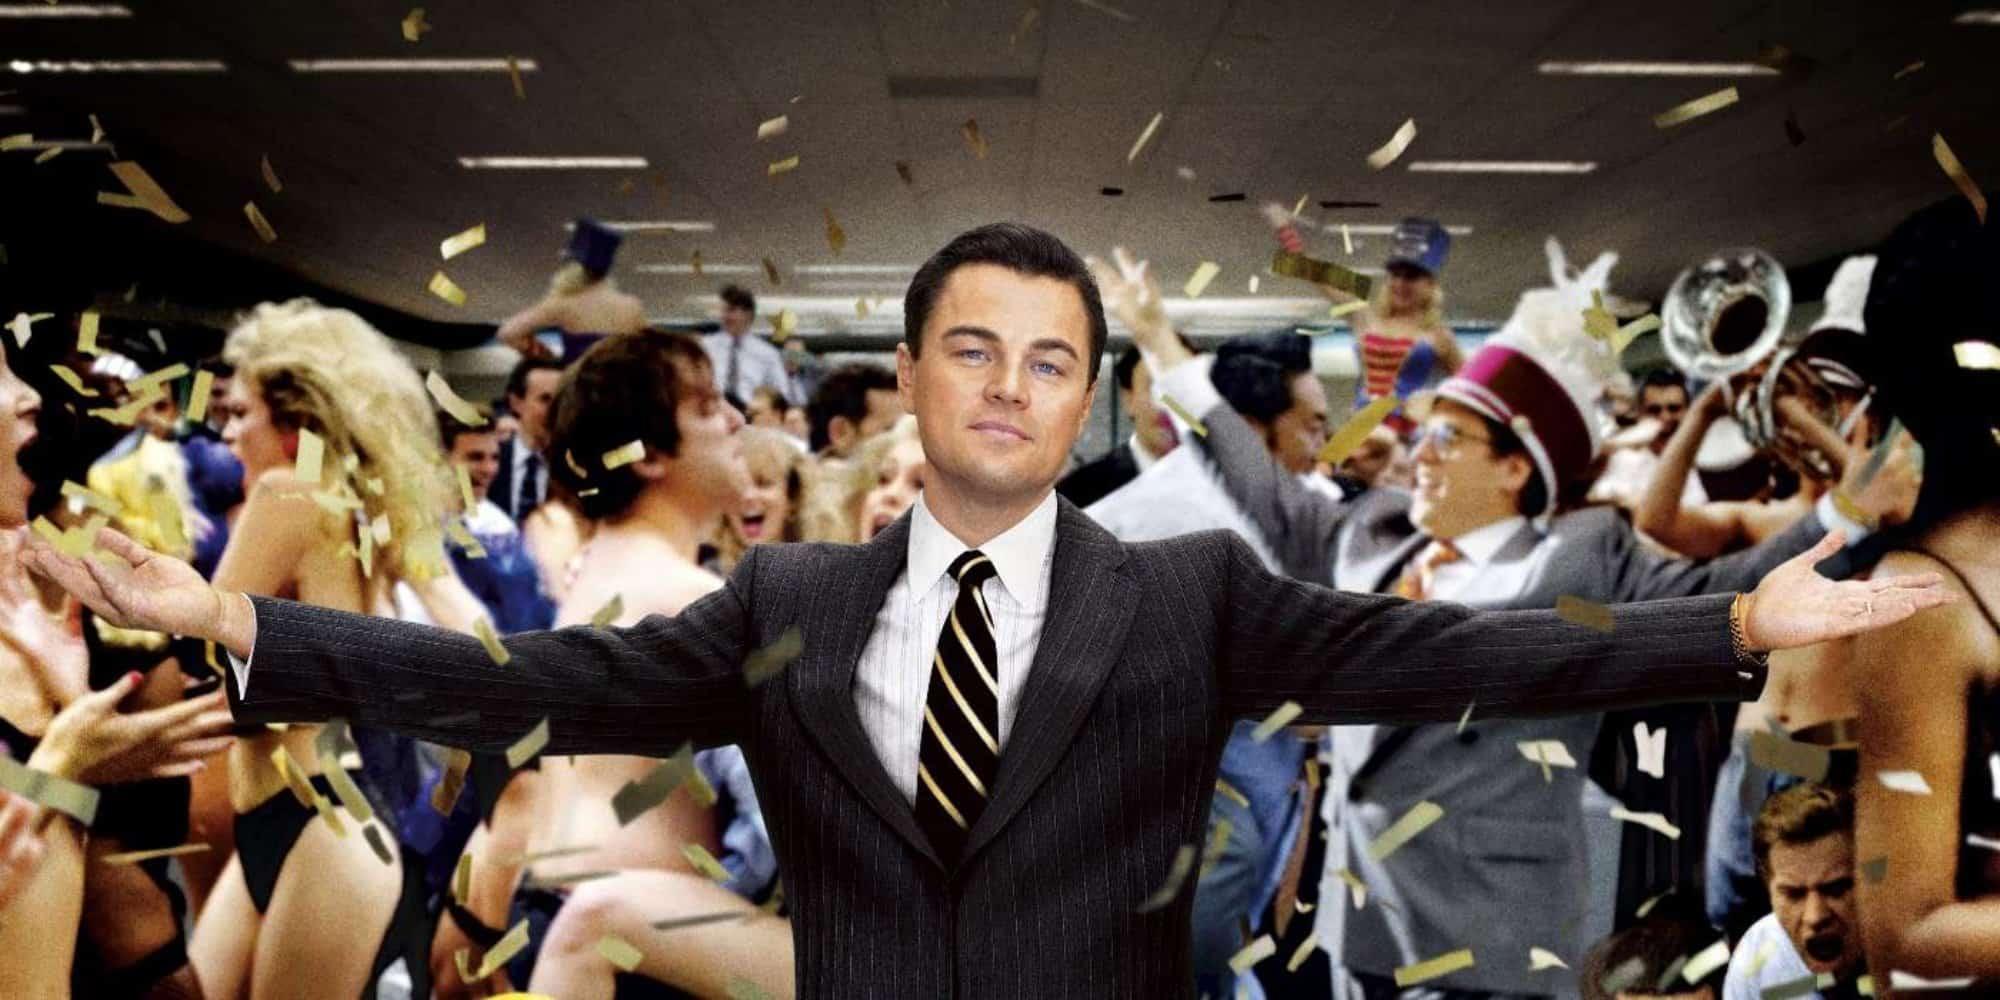 Ez kellett ahhoz, hogy a Wall Street farkasa sokáig fenntartsa a bizniszét – Trükkök, titkok